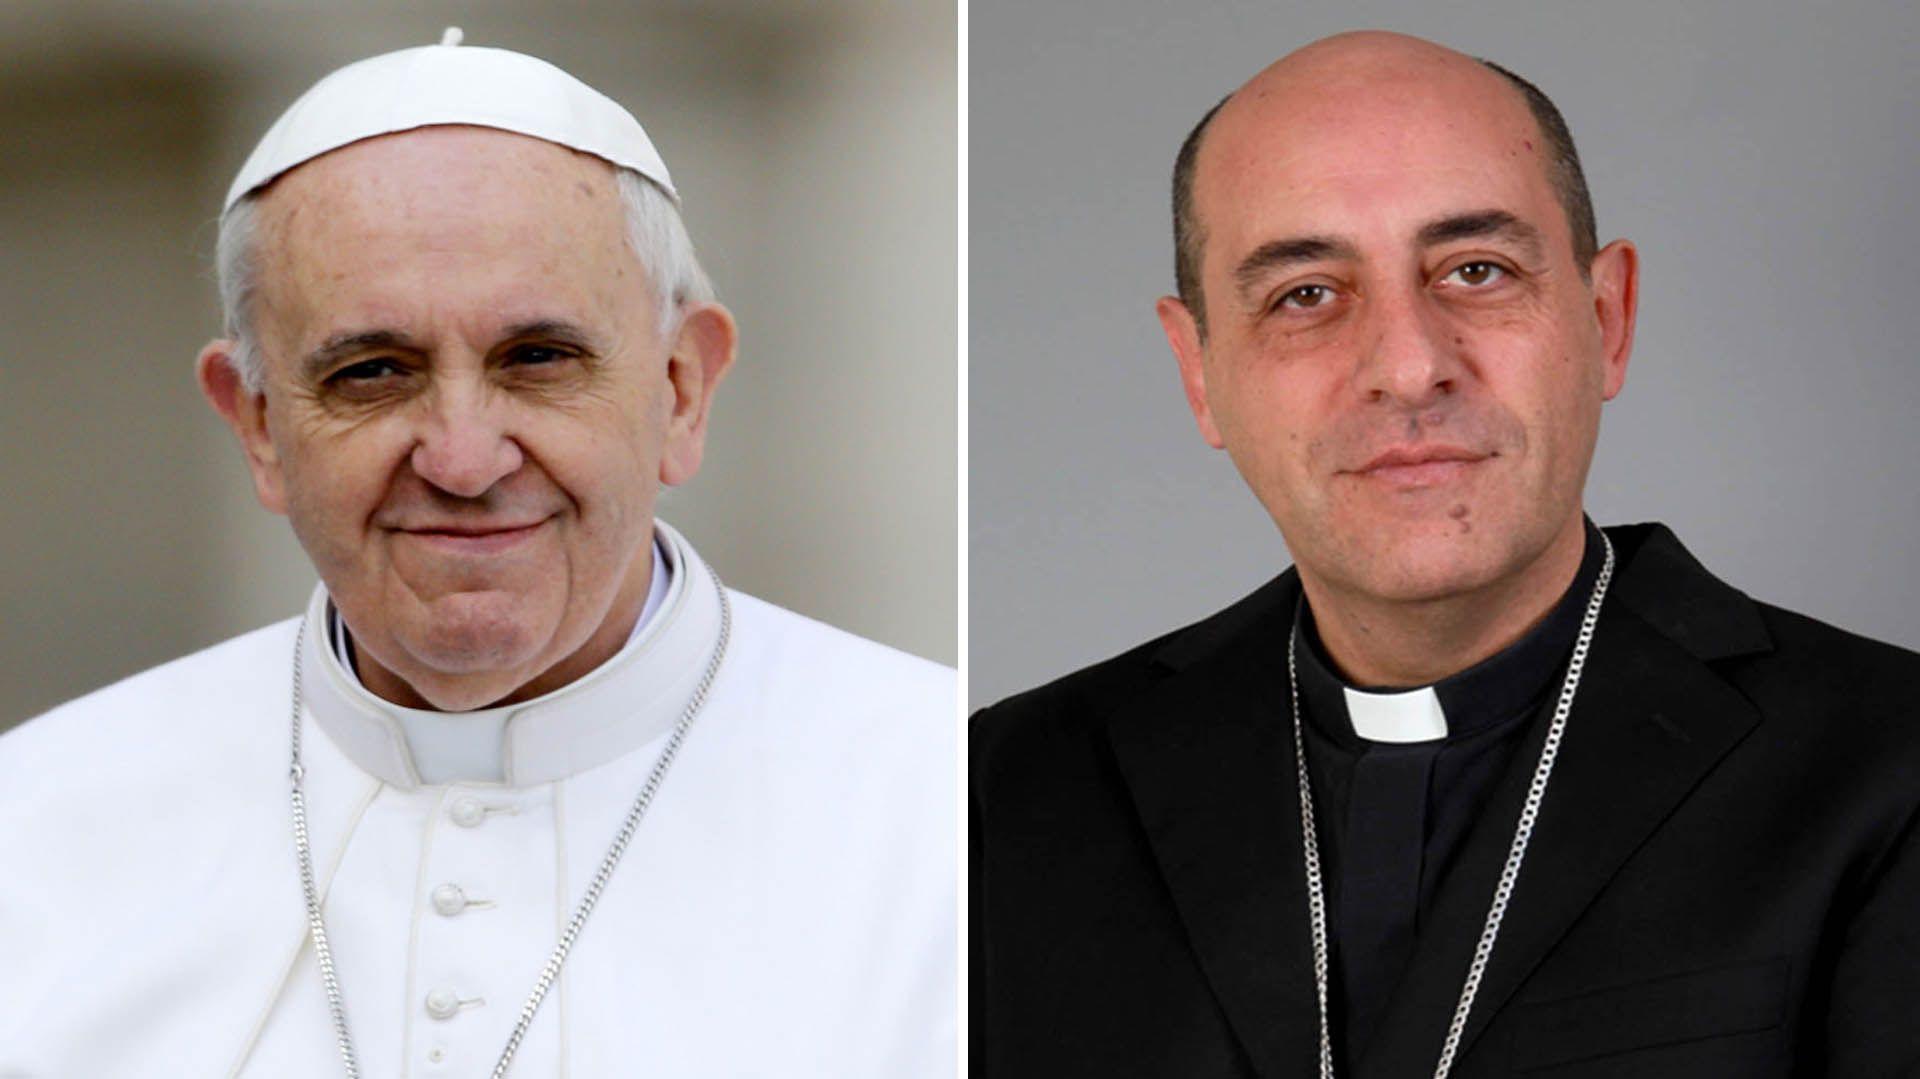 Fernández es uno de los principales referentes de la Iglesia Católica argentina y hombre de extrema confianza del papa Francisco